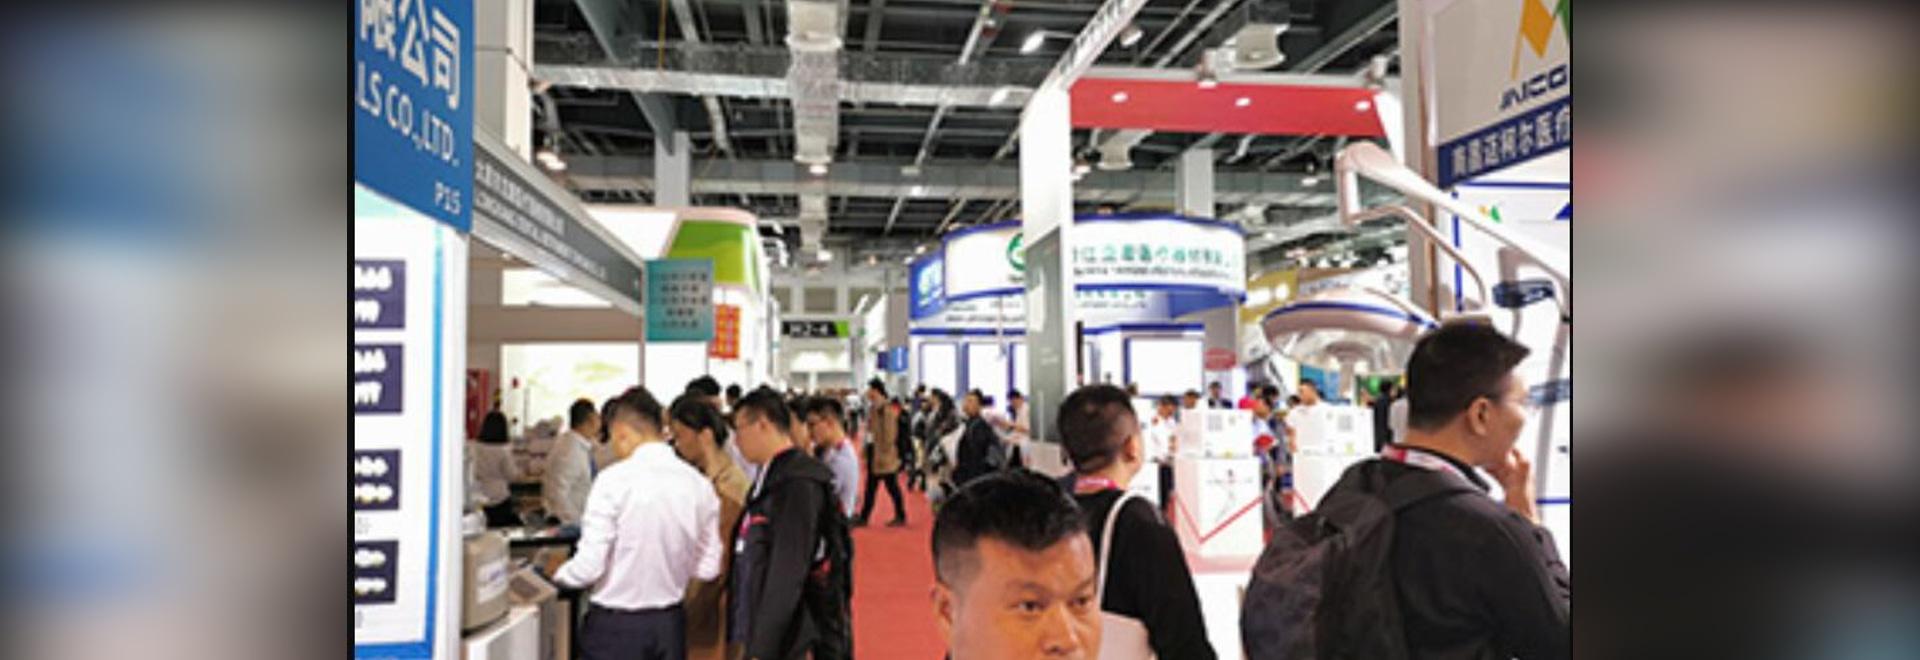 DenTech China 2019 Shanghai du 30 octobre au 2 novembre 2019